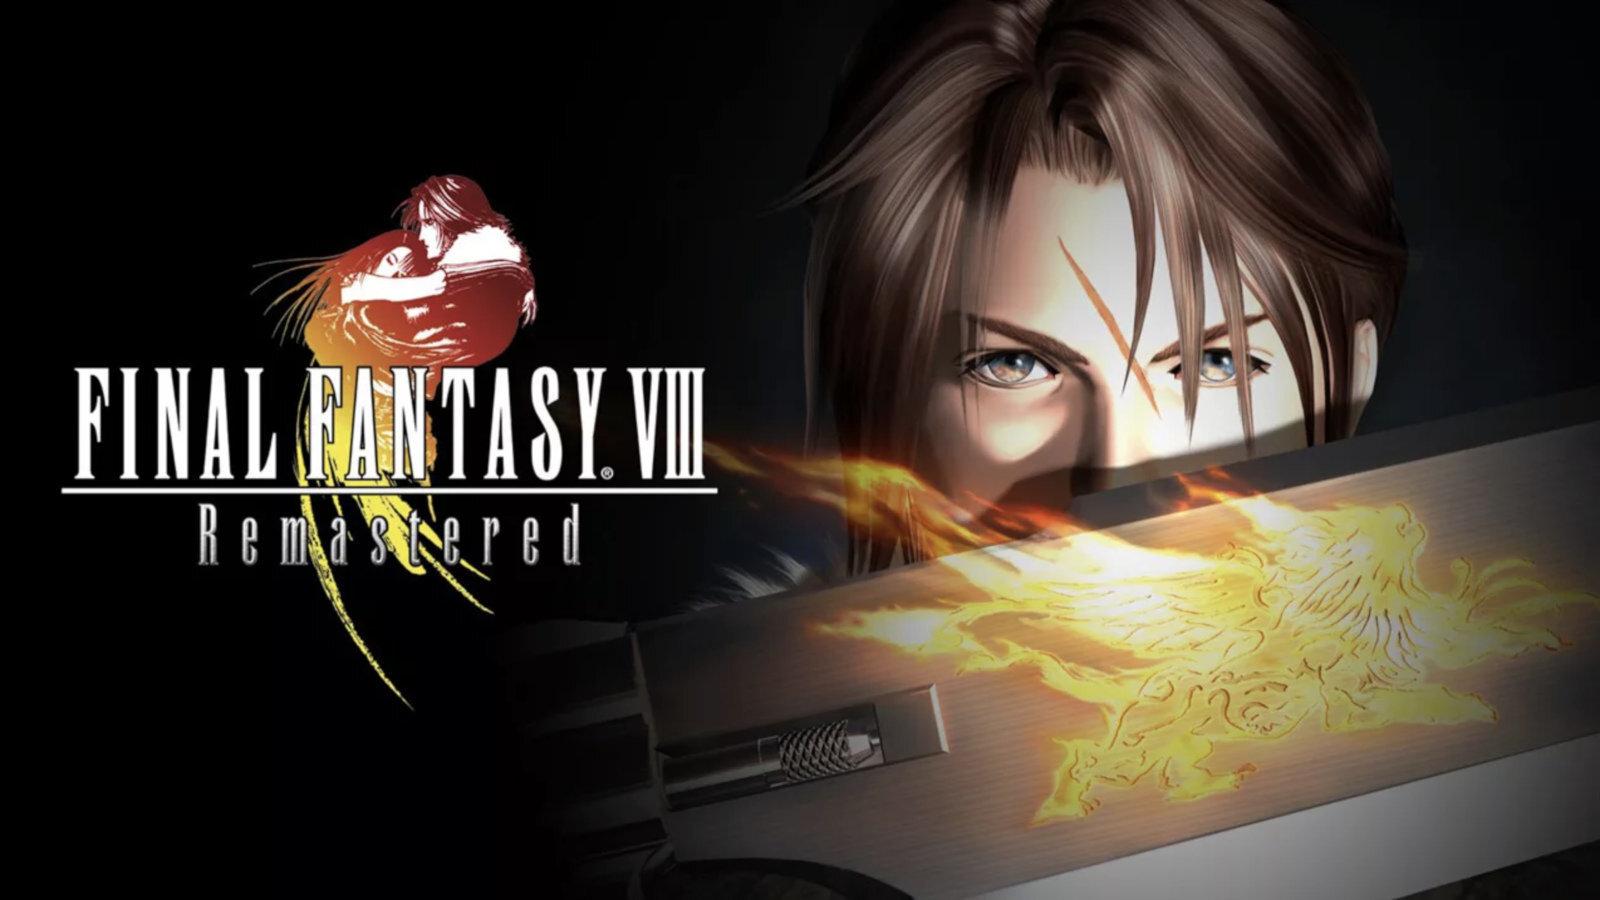 Inside Final Fantasy VIII Remastered